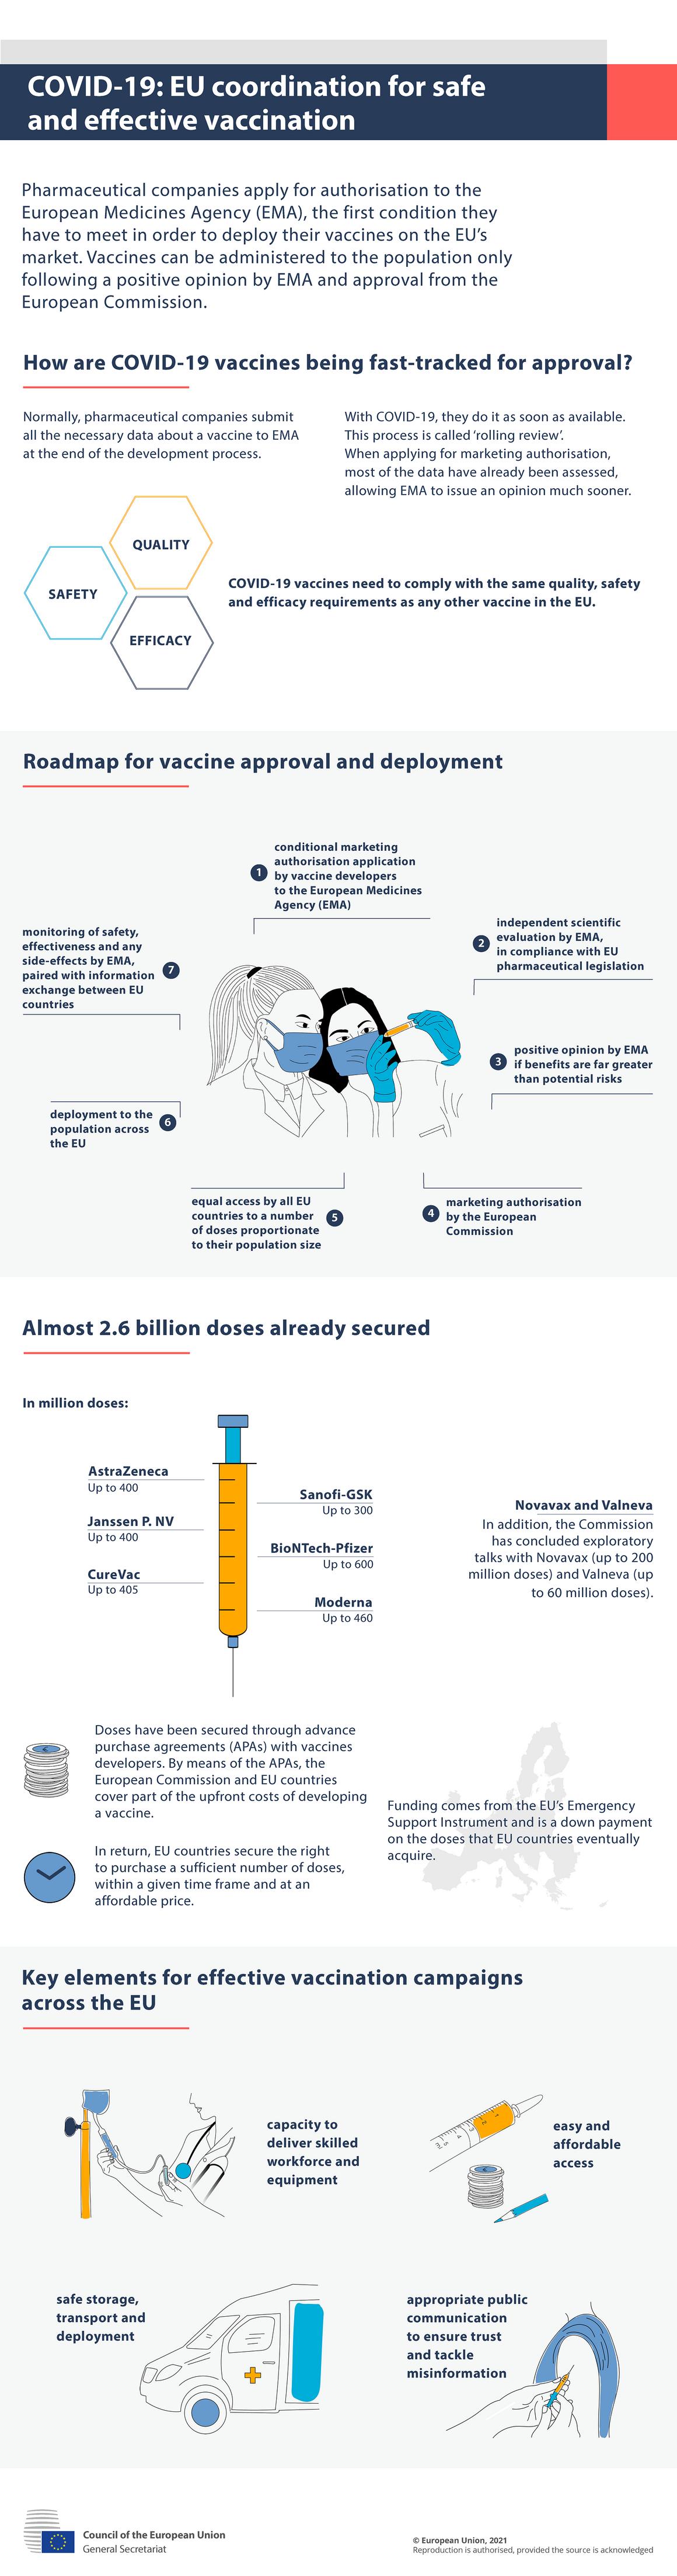 Infografikk – covid-19: EUs koordinering for trygg og effektiv vaksinering (EN)